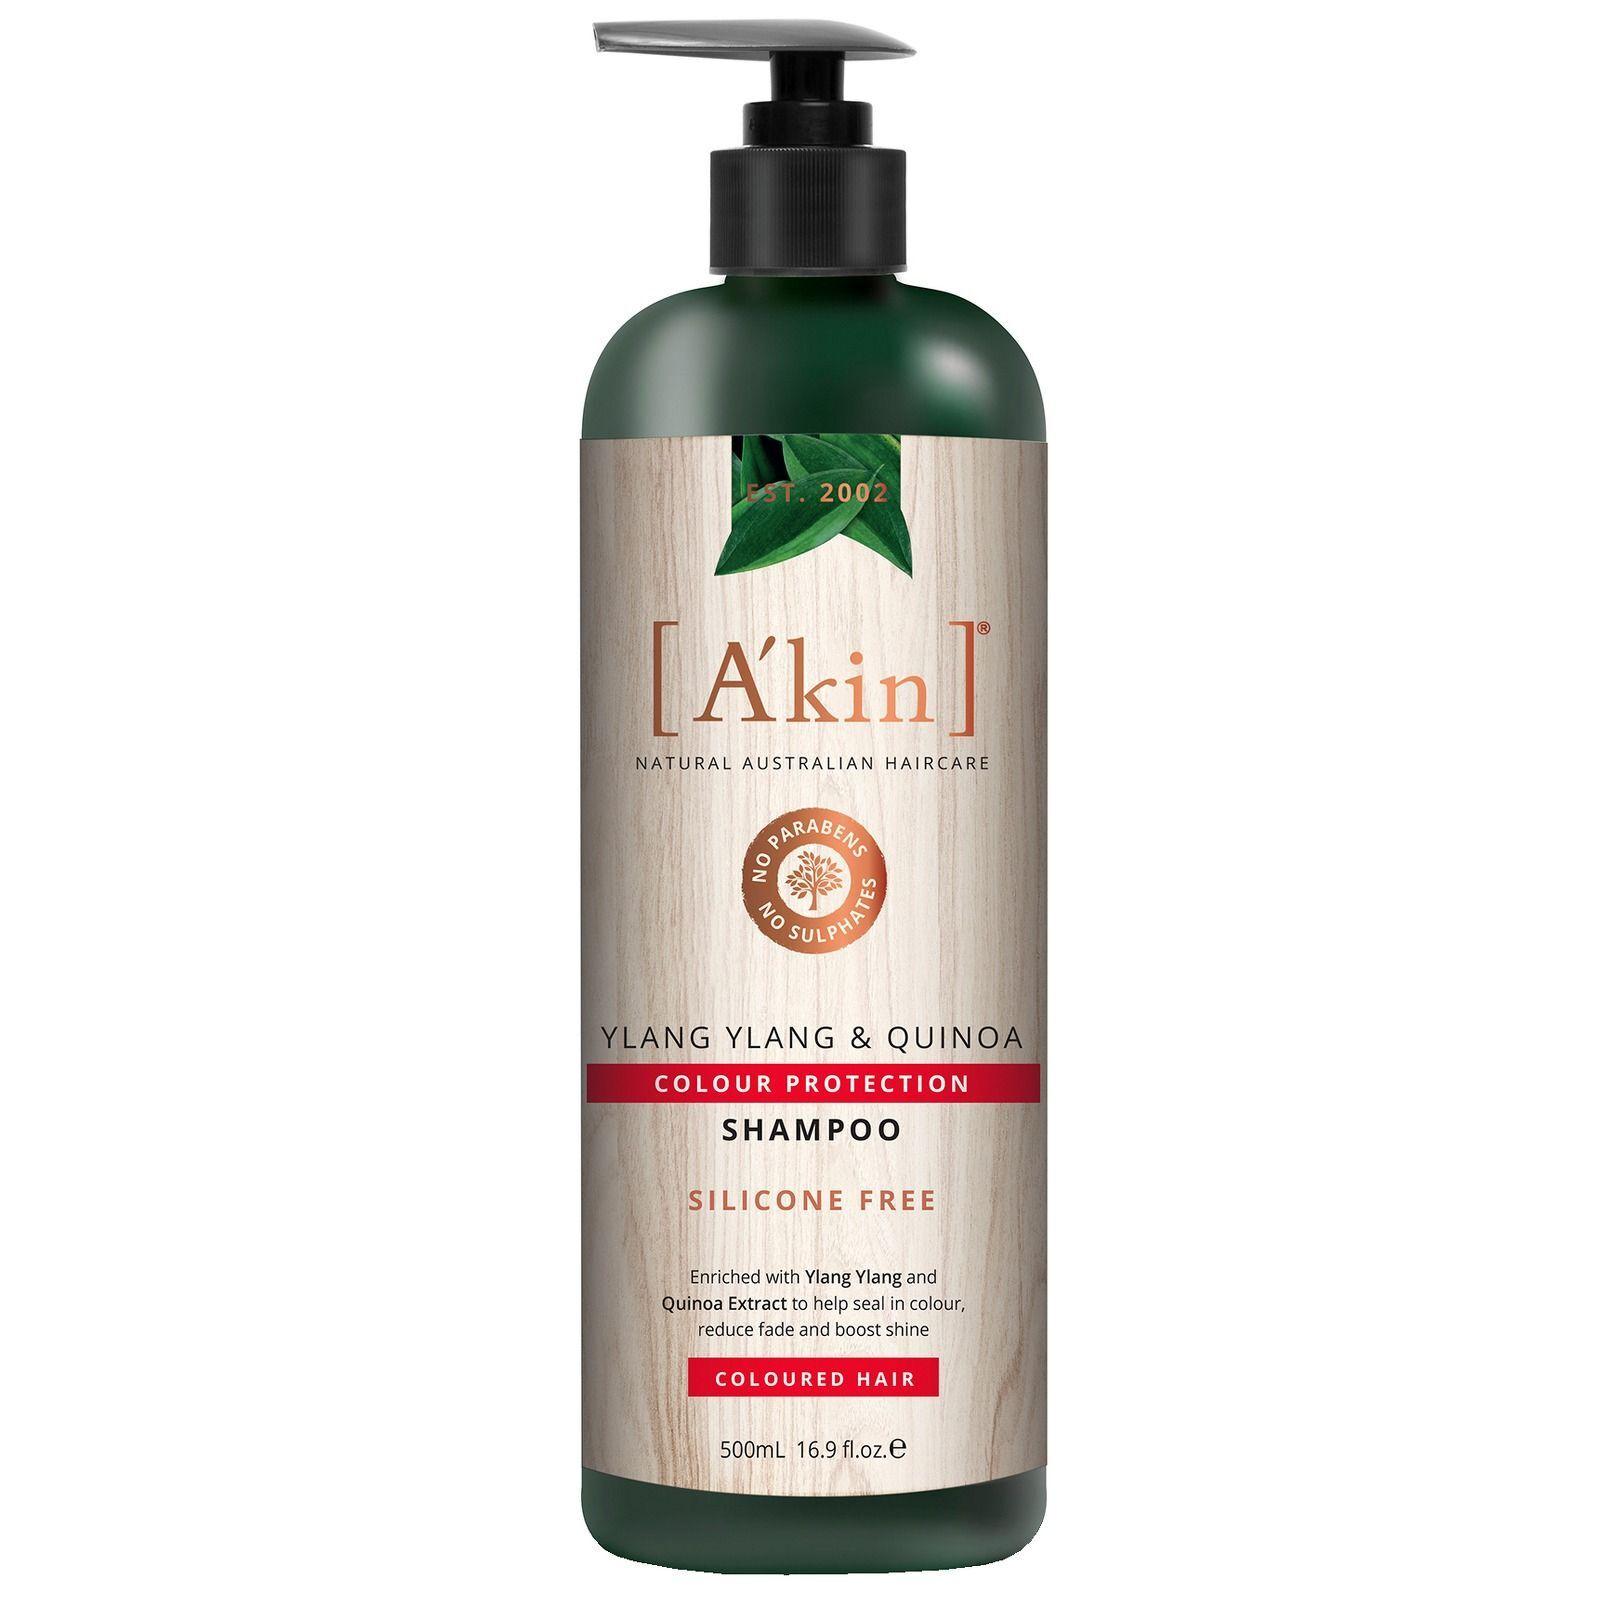 A'kin Hair Care Protezione colore Ylang Ylang & Quinoa Shampoo: Per capelli colorati 500ml